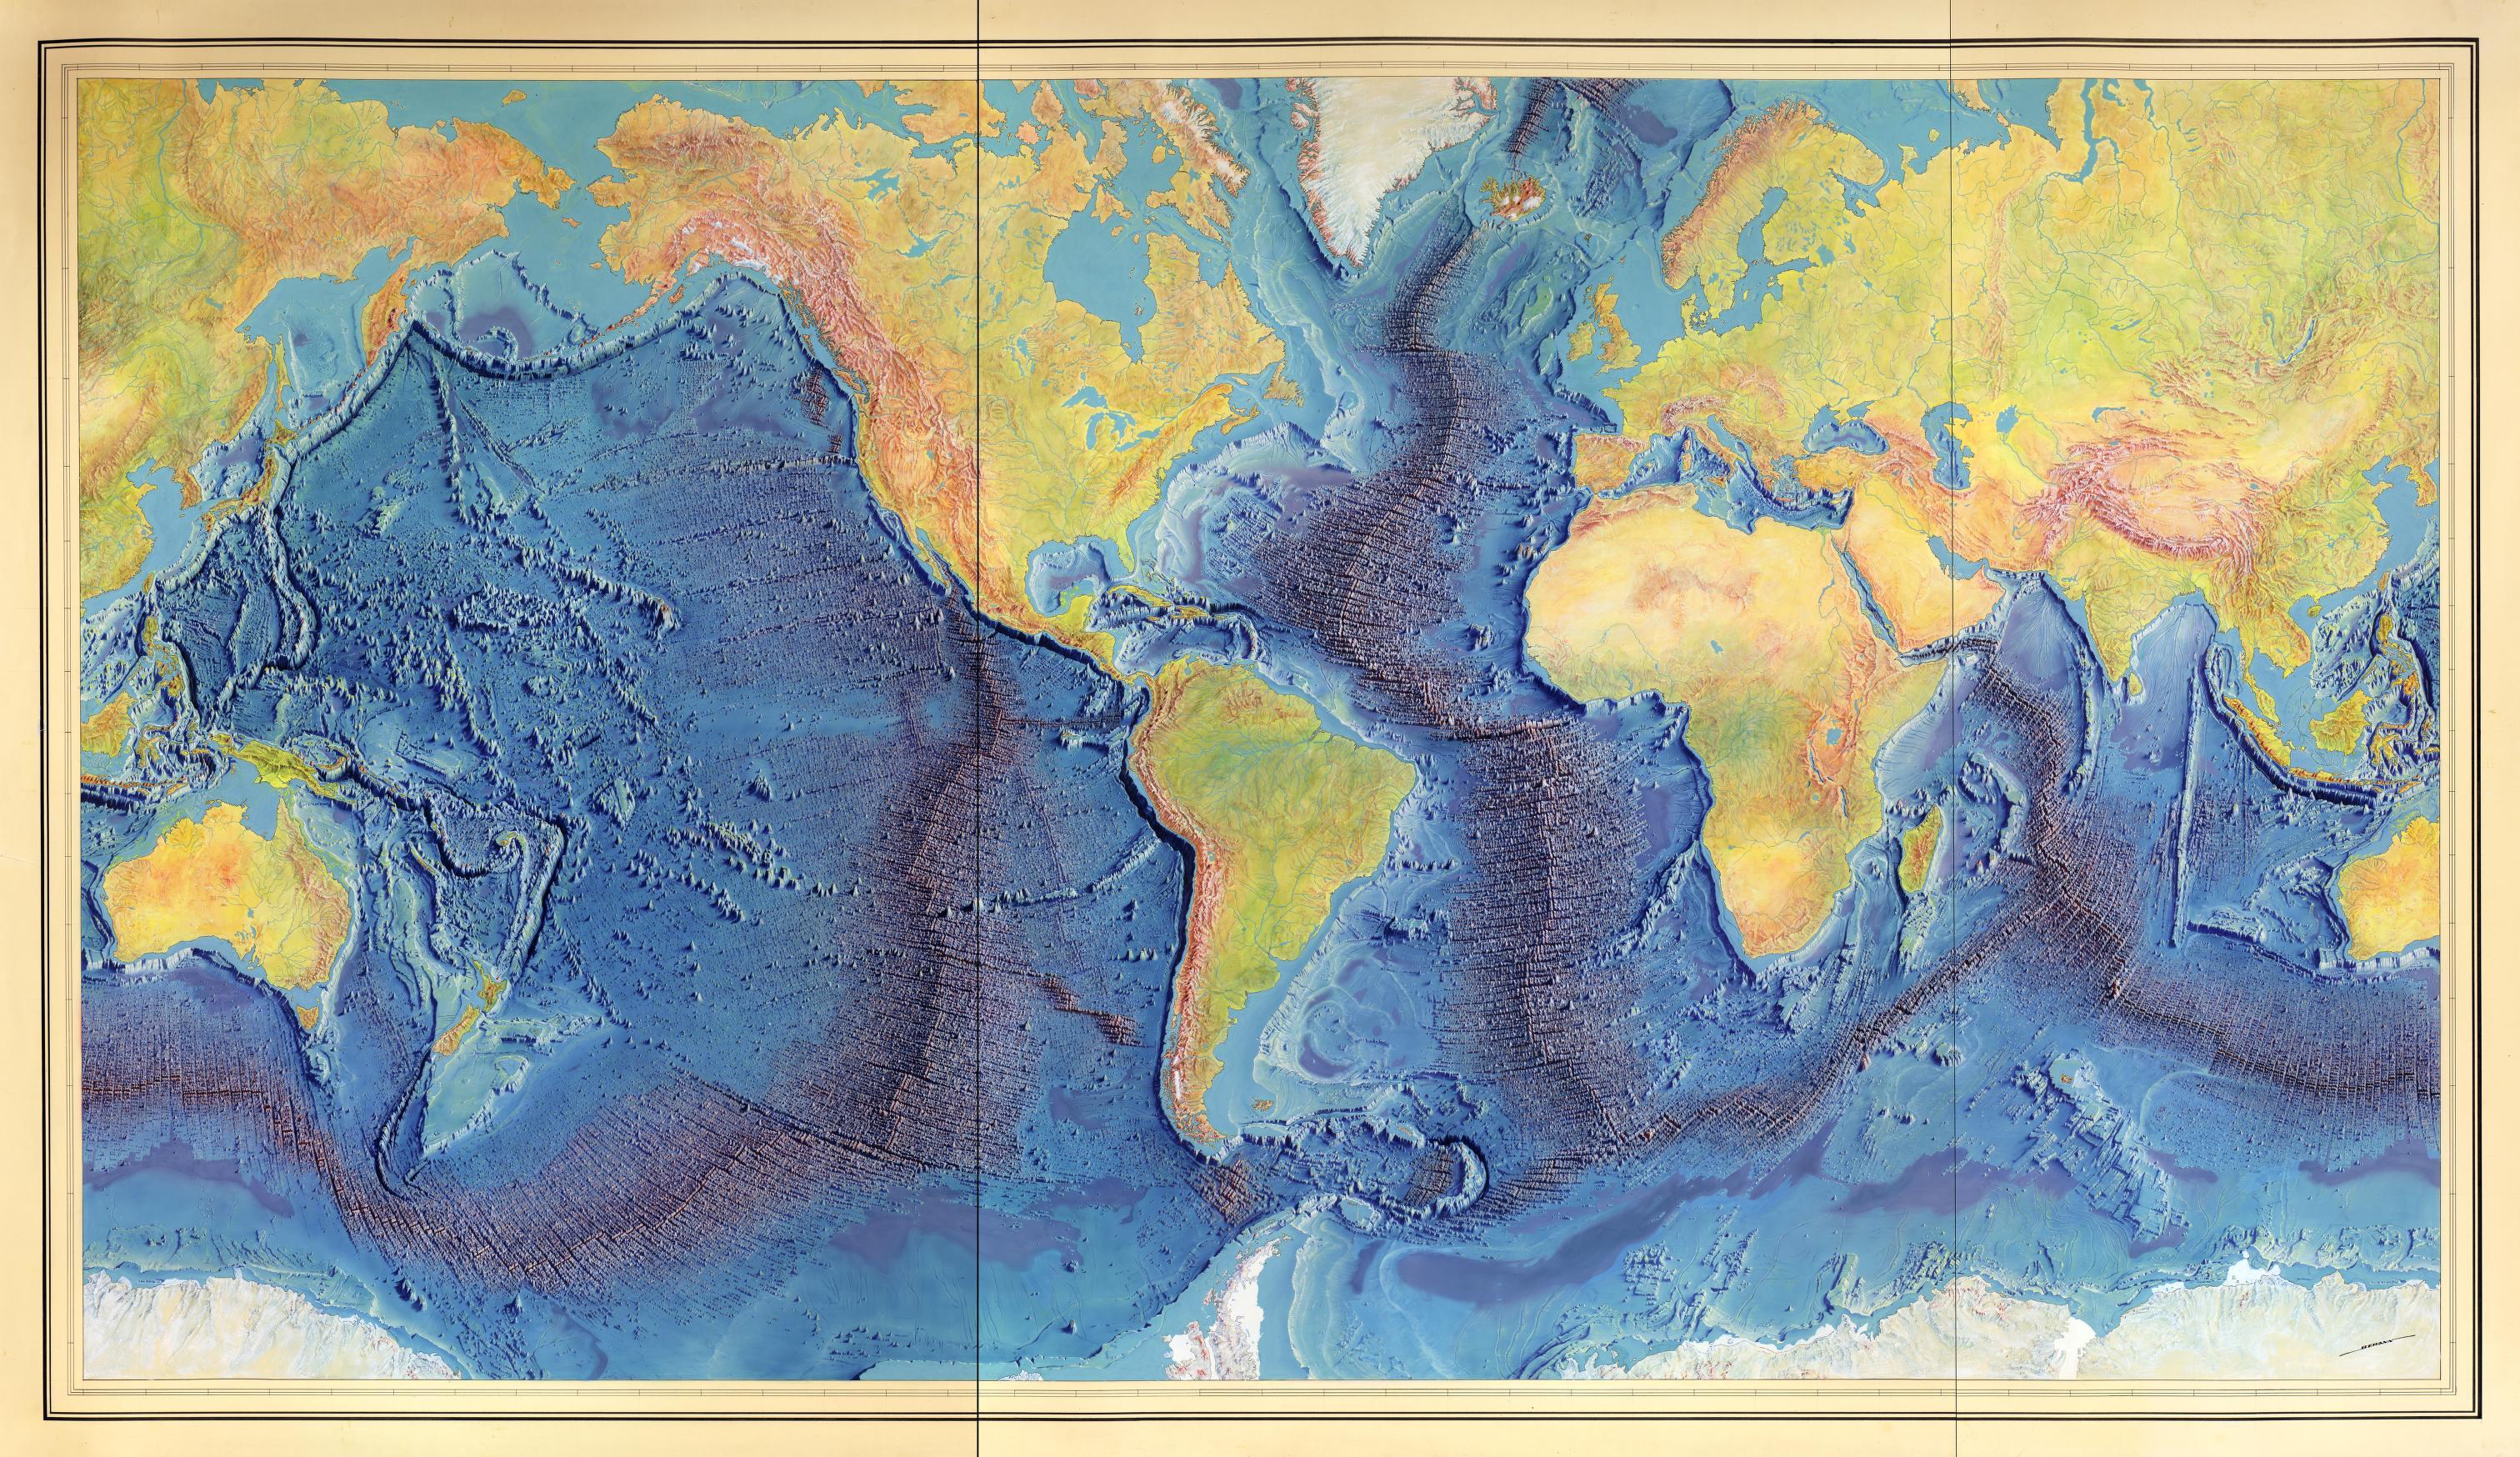 M Cript Painting Of Heezen Tharp World Ocean Floor